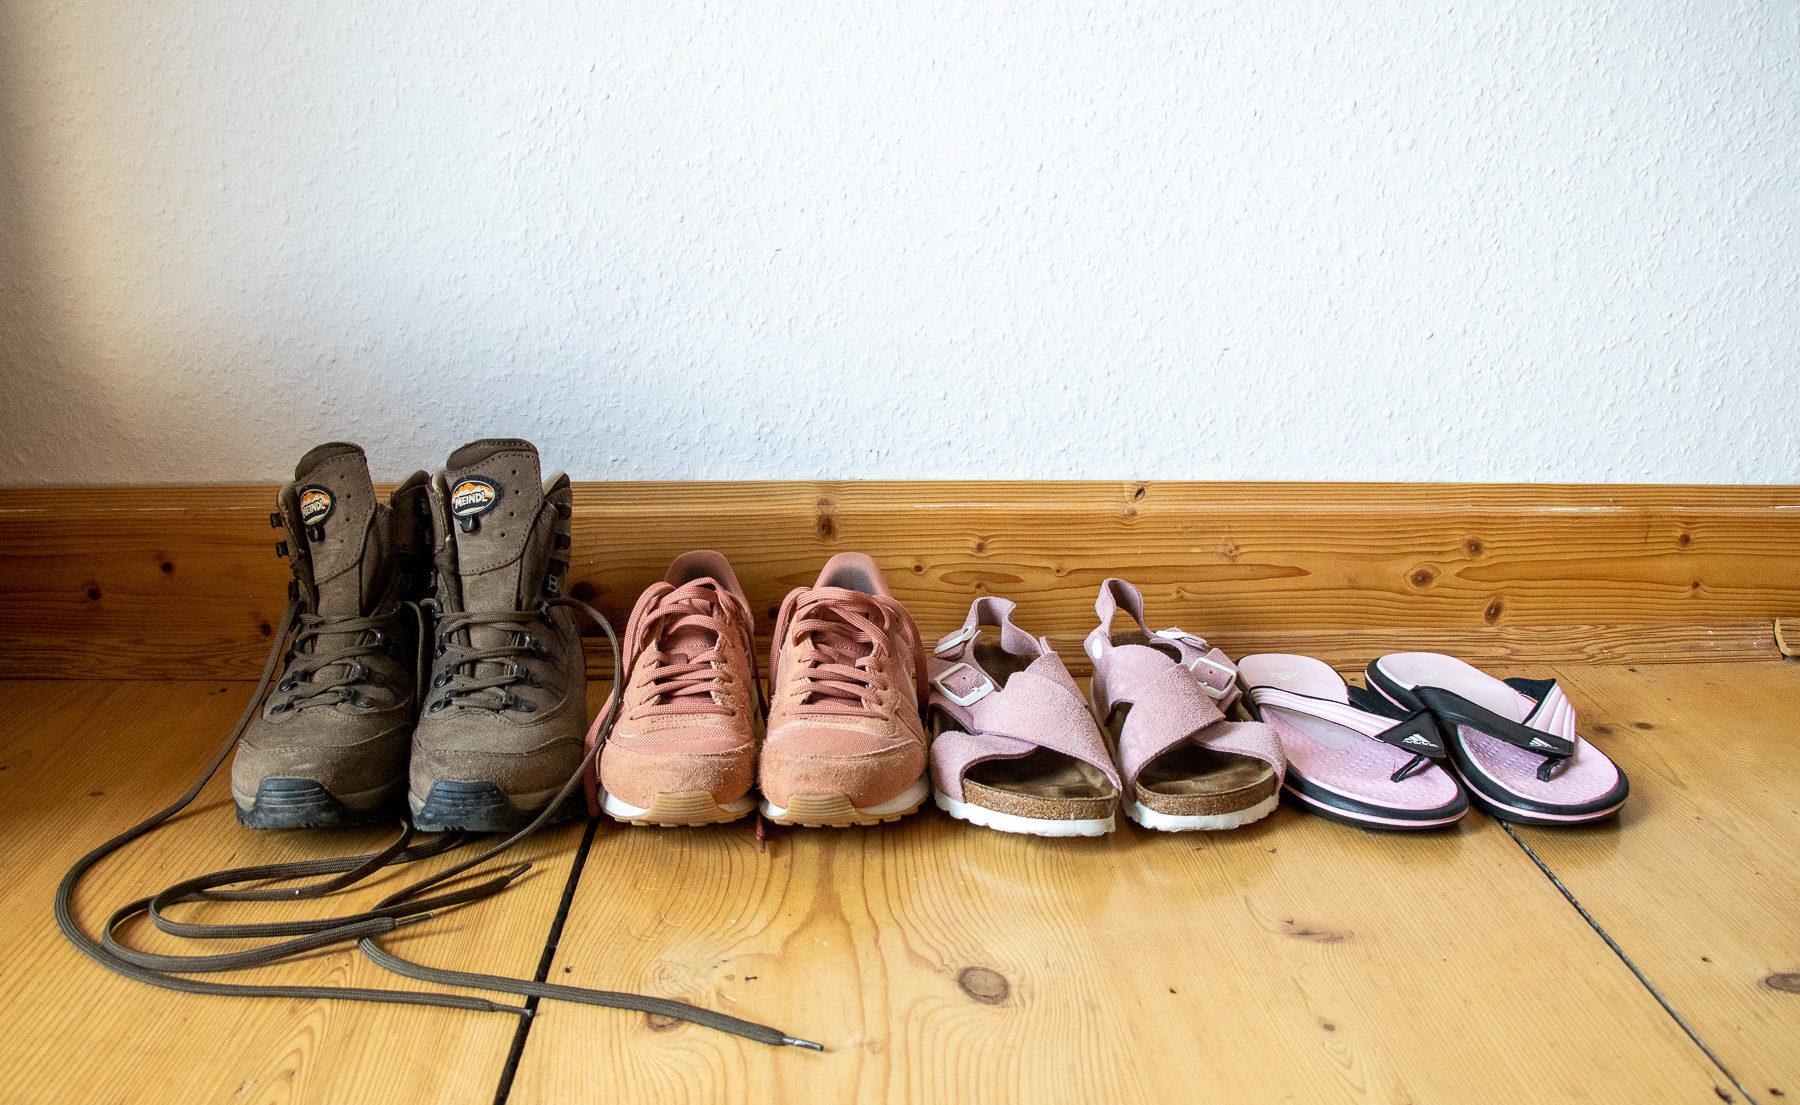 Wanderschuhe, Sneakers, Sandalen und Flipflops dürfen mit auf die Reise.